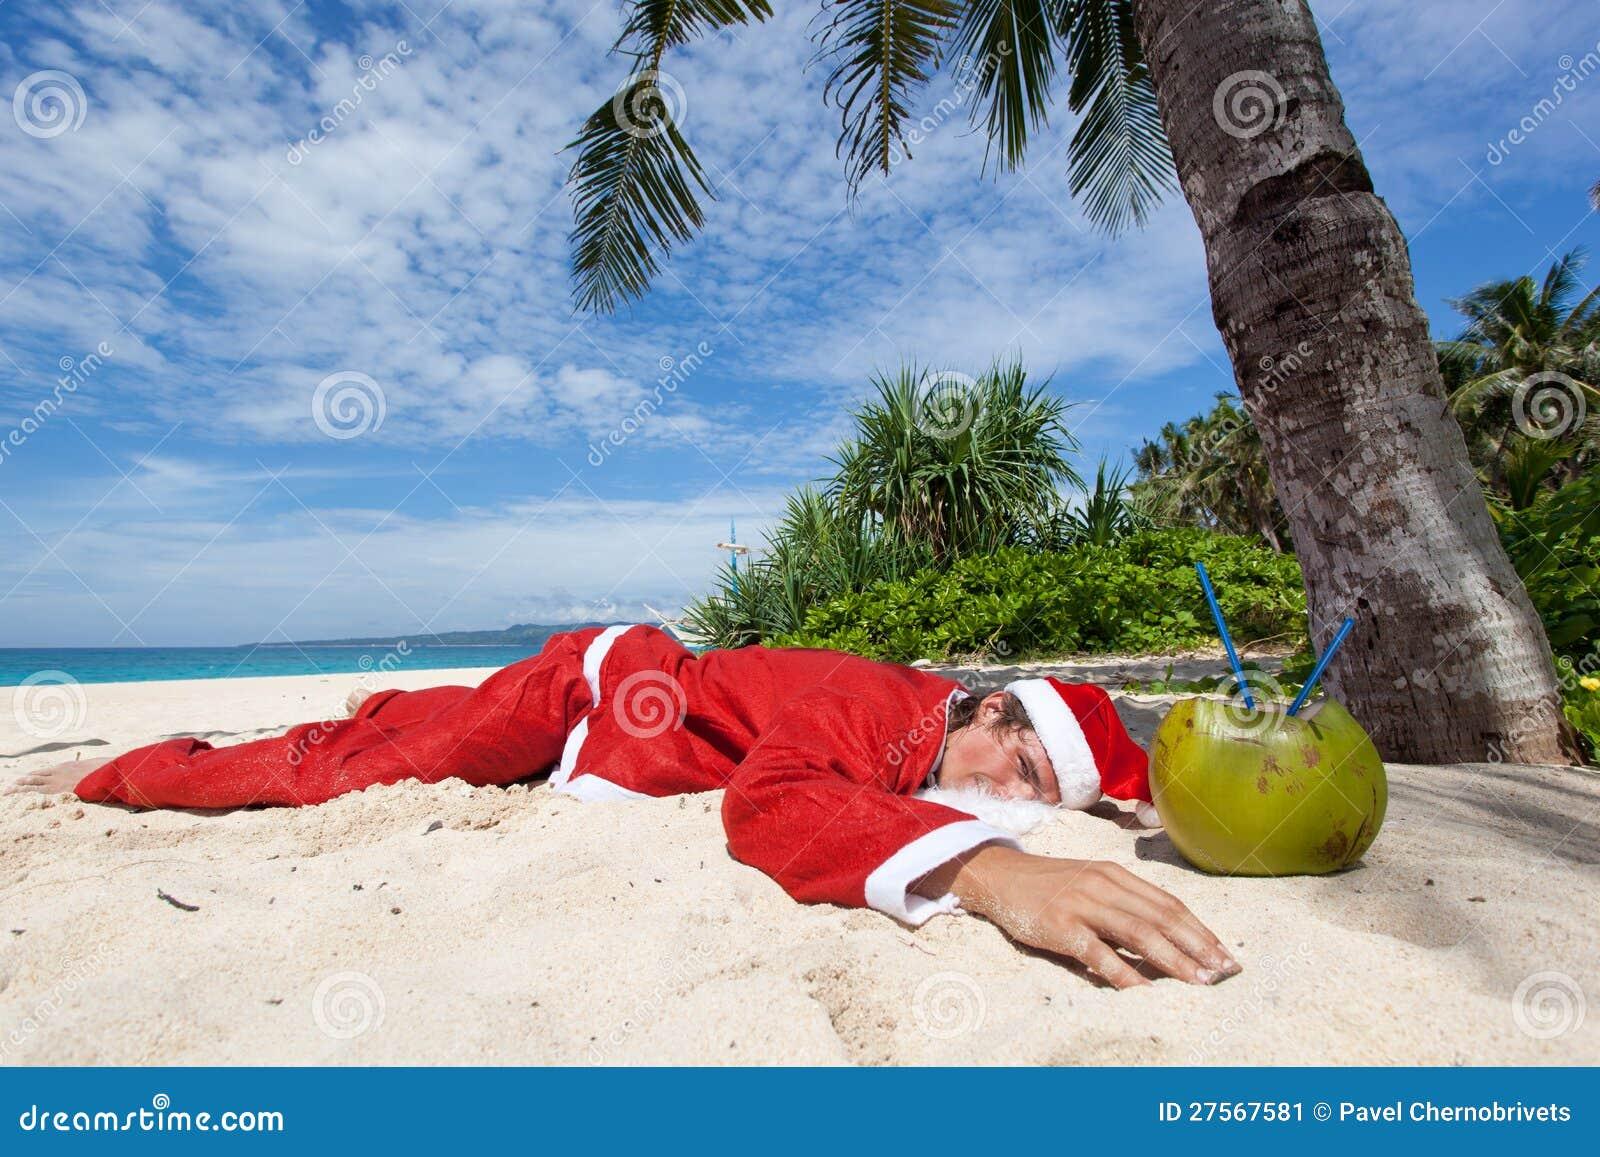 Kerstman onder tropische palm